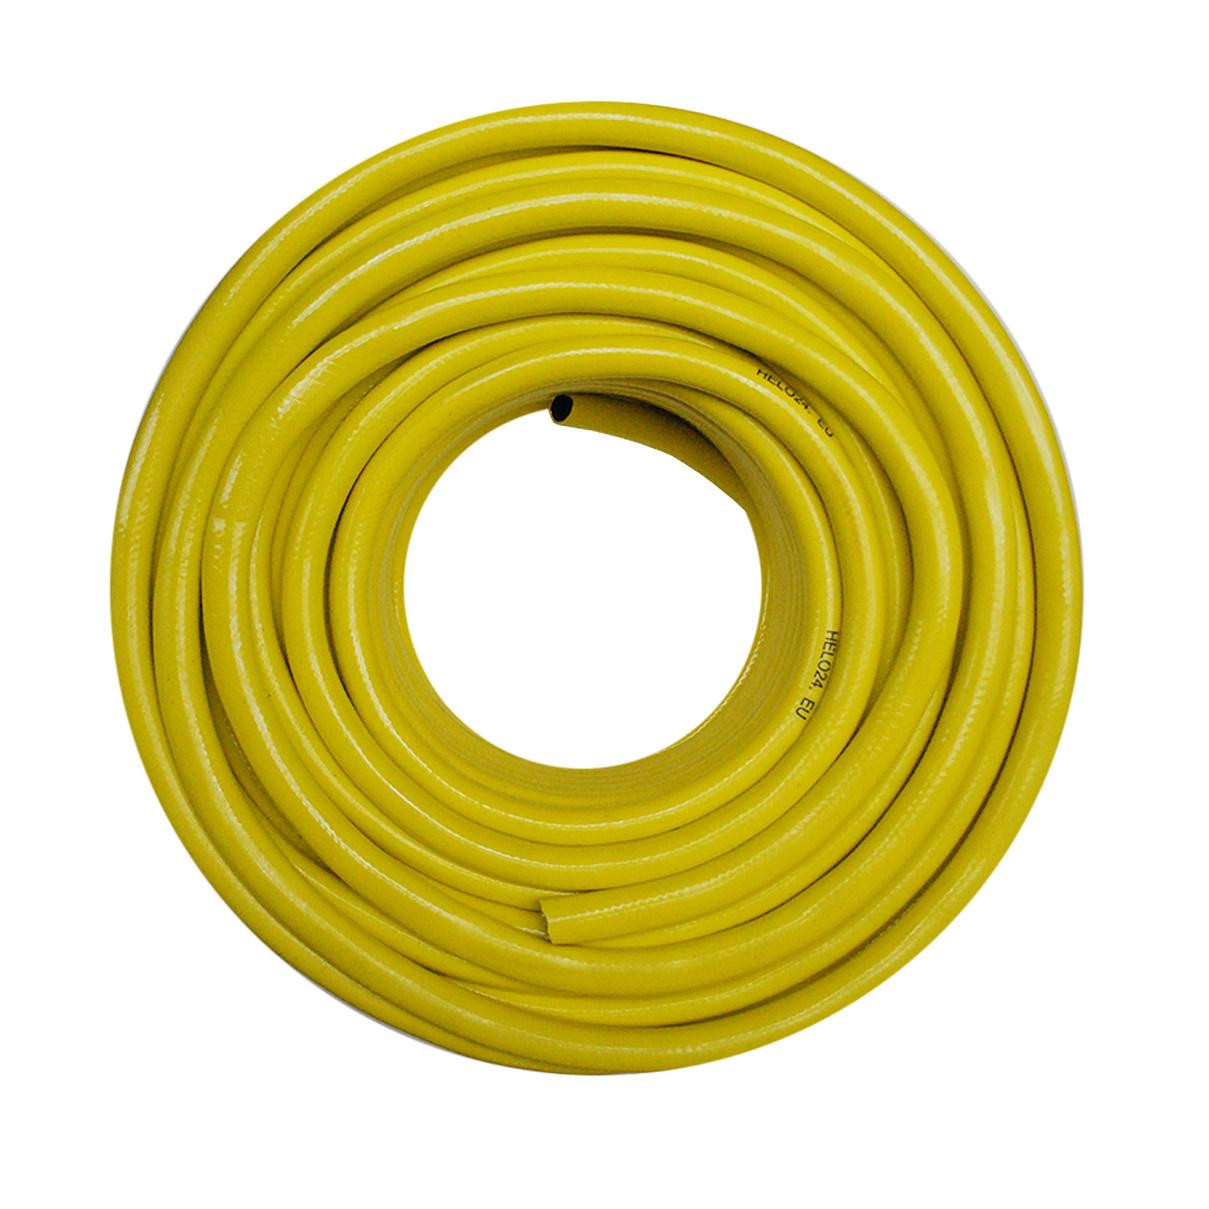 gartenschlauch wasserschlauch bew sserungsschlauch 50m 1 2 zoll gelb 0 47 m freizeit garten. Black Bedroom Furniture Sets. Home Design Ideas